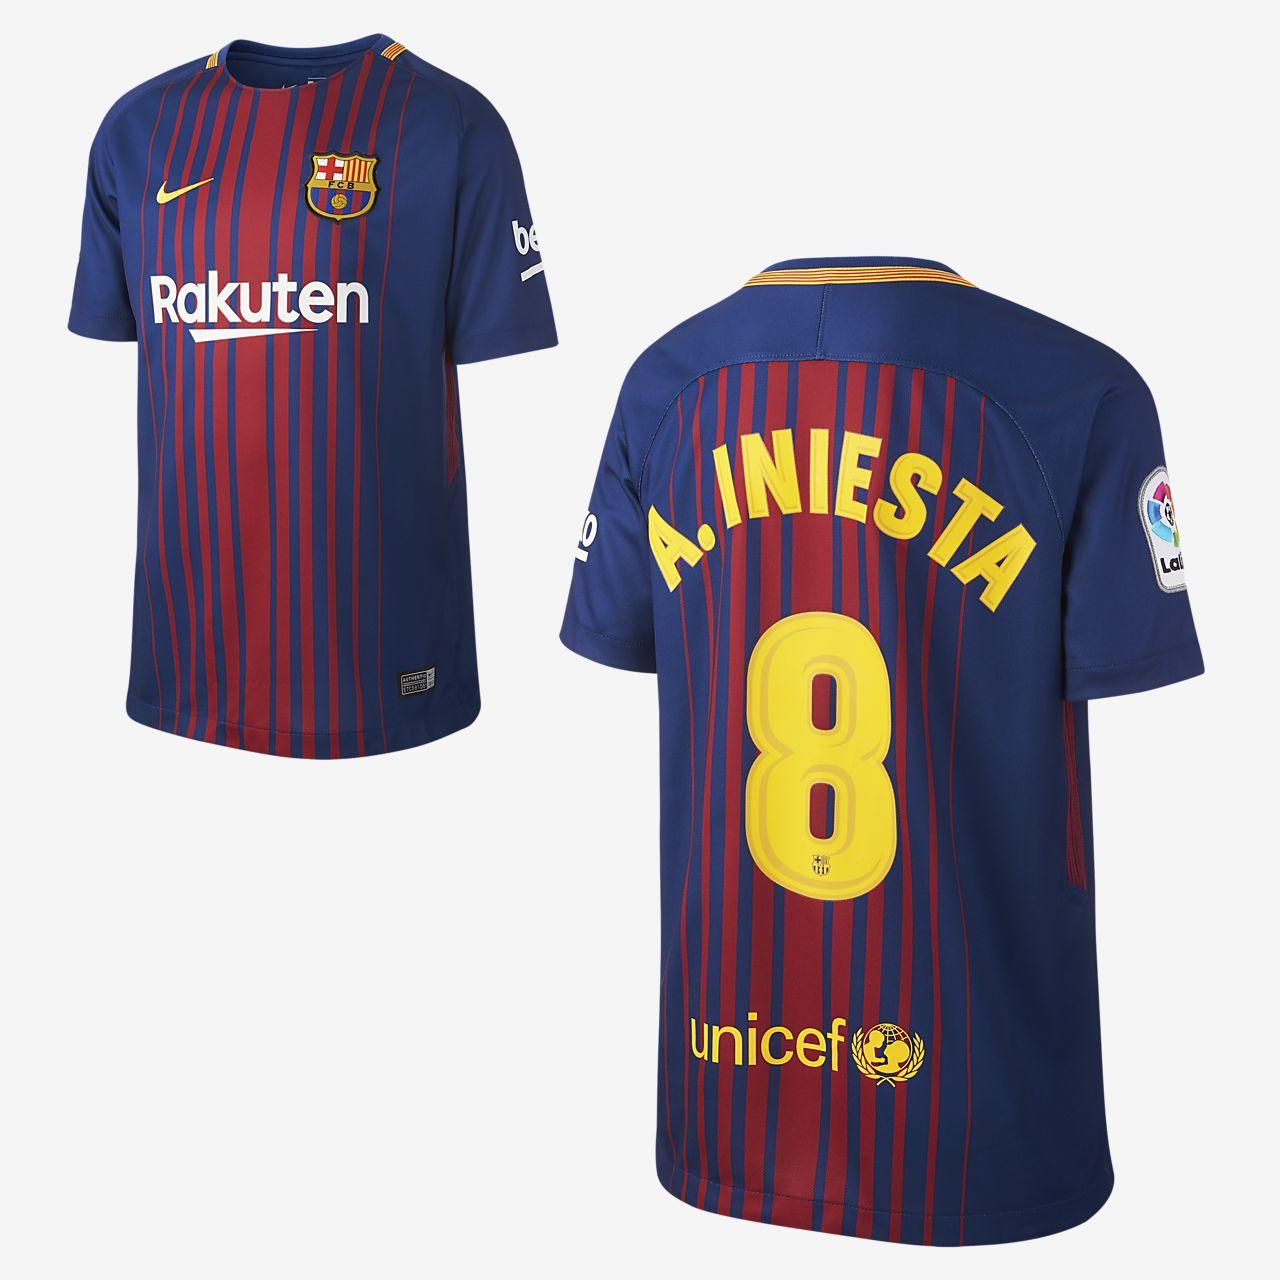 Camiseta de fútbol para niños talla grande de local del FC Barcelona  (Andres Iniesta) 7592afdf56216